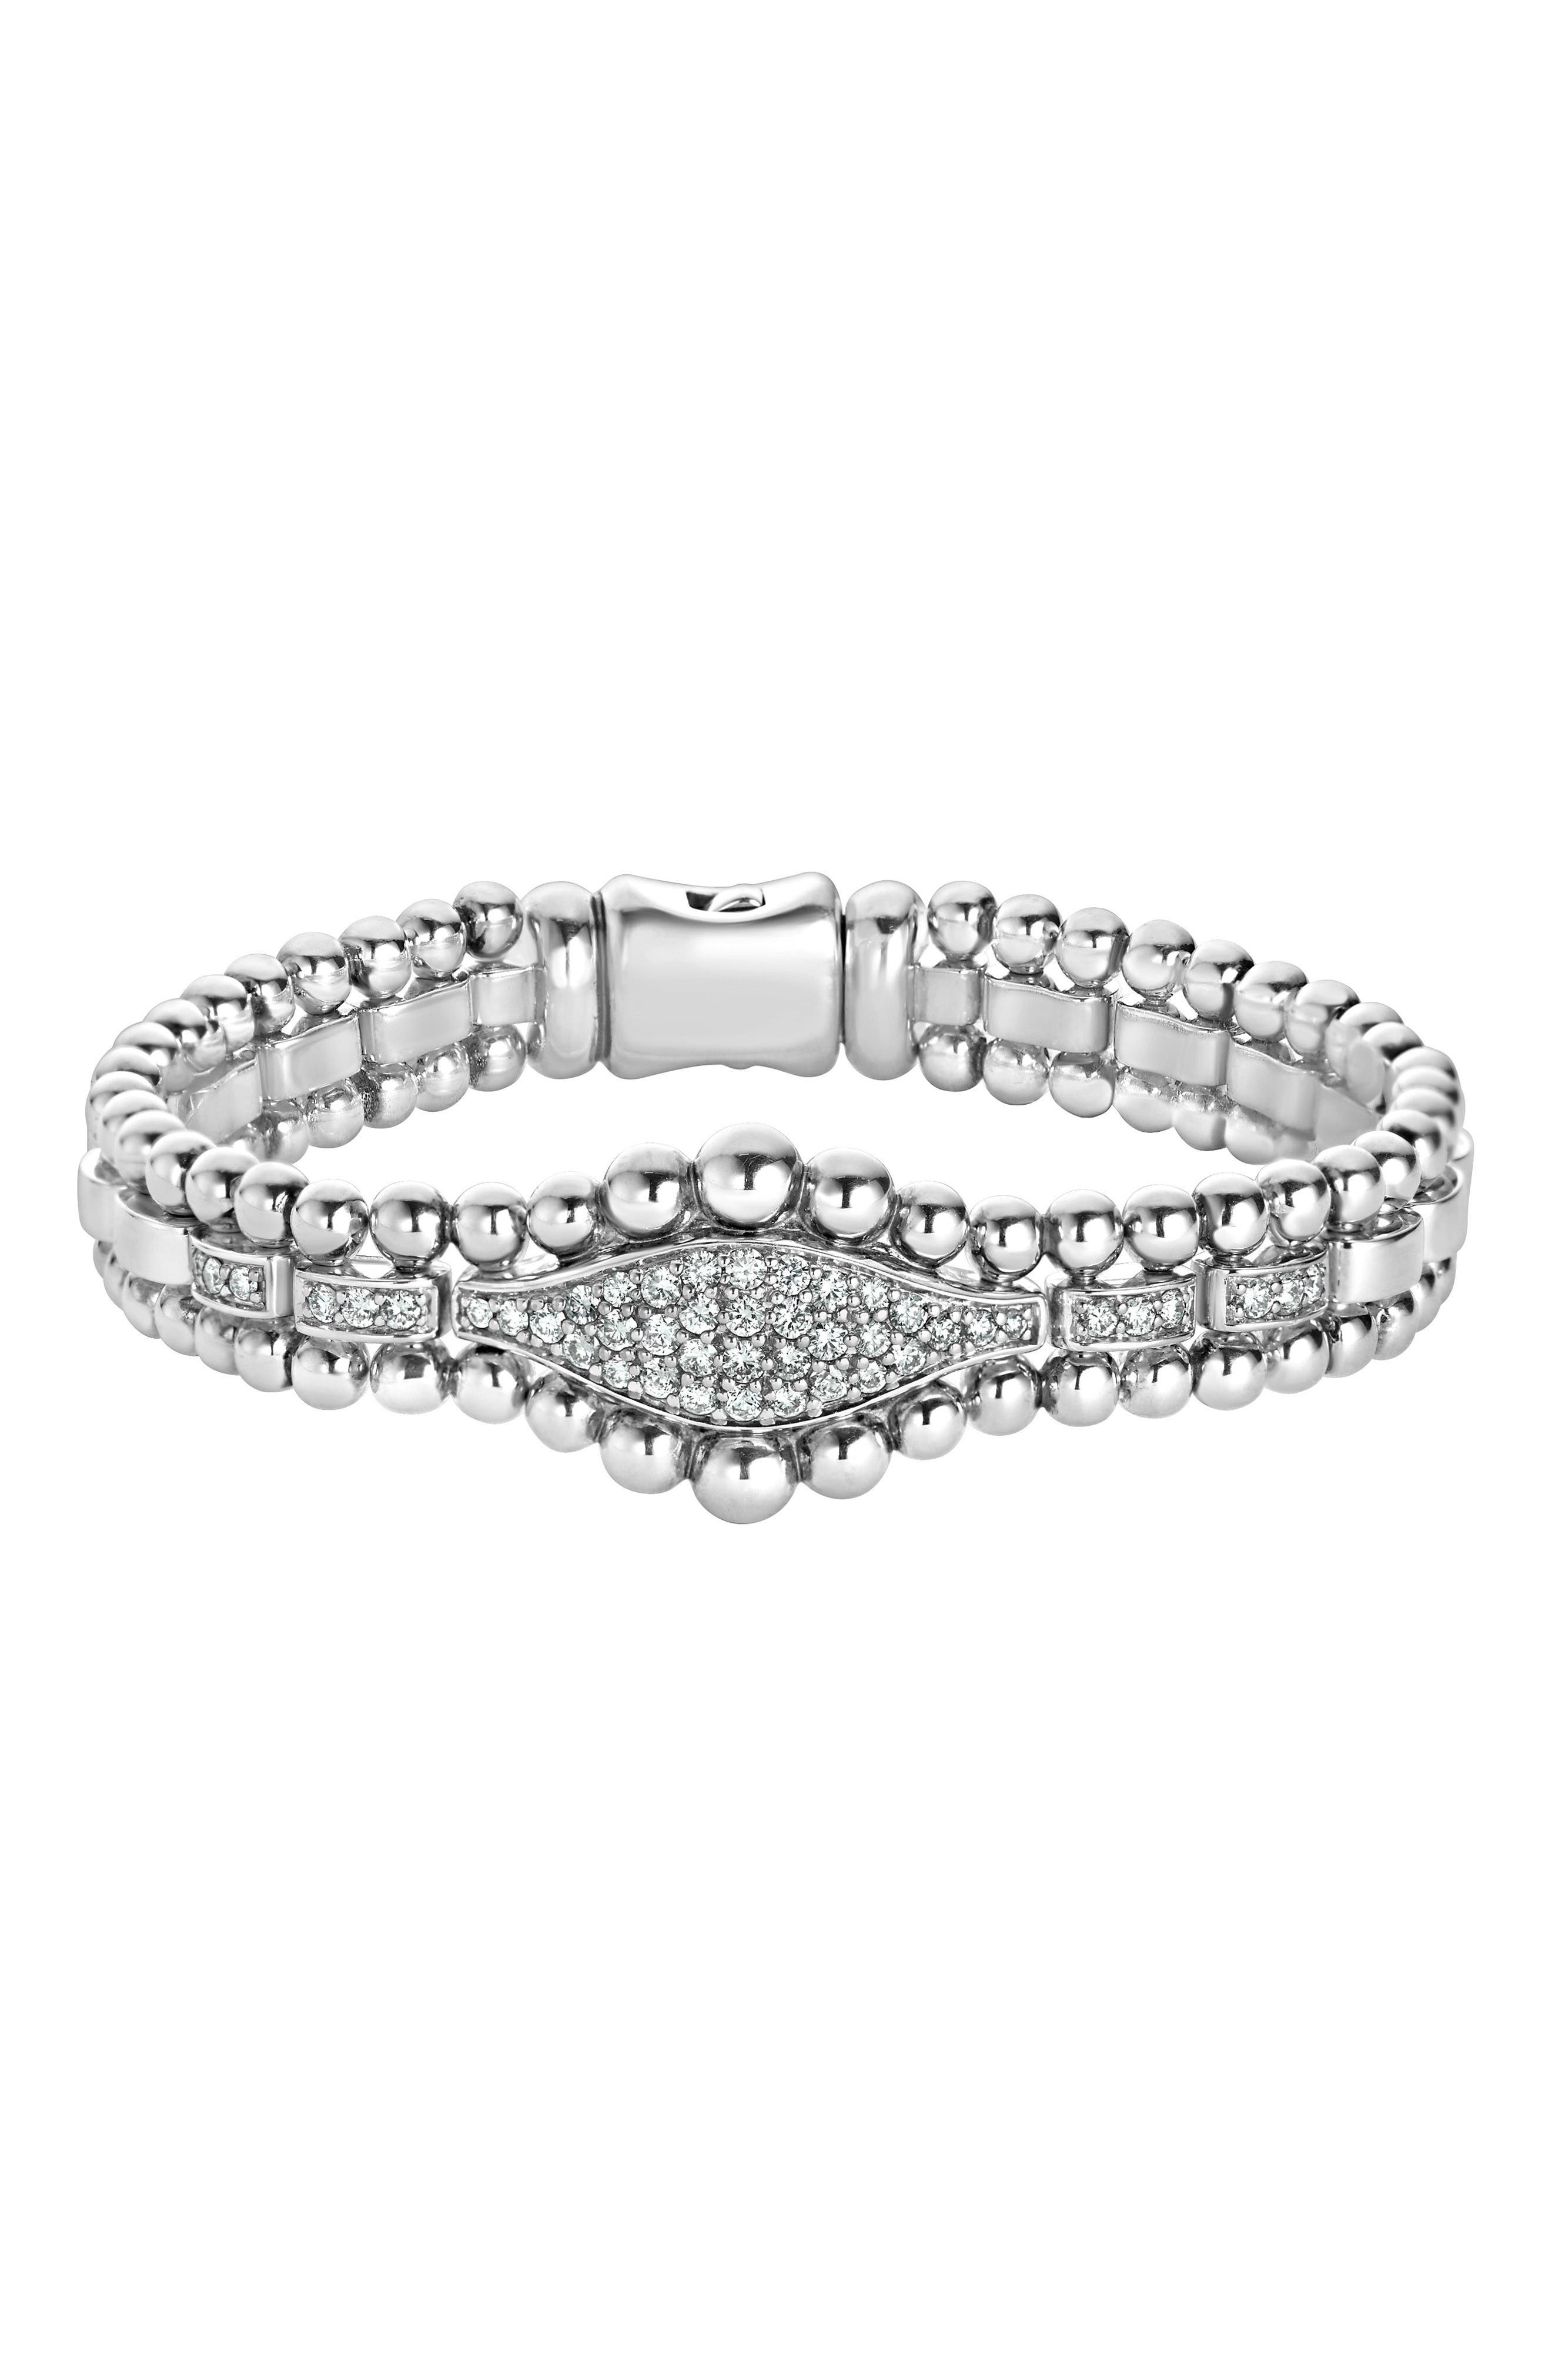 Main Image - LAGOS Caviar Spark Diamond Marquise Link Bracelet